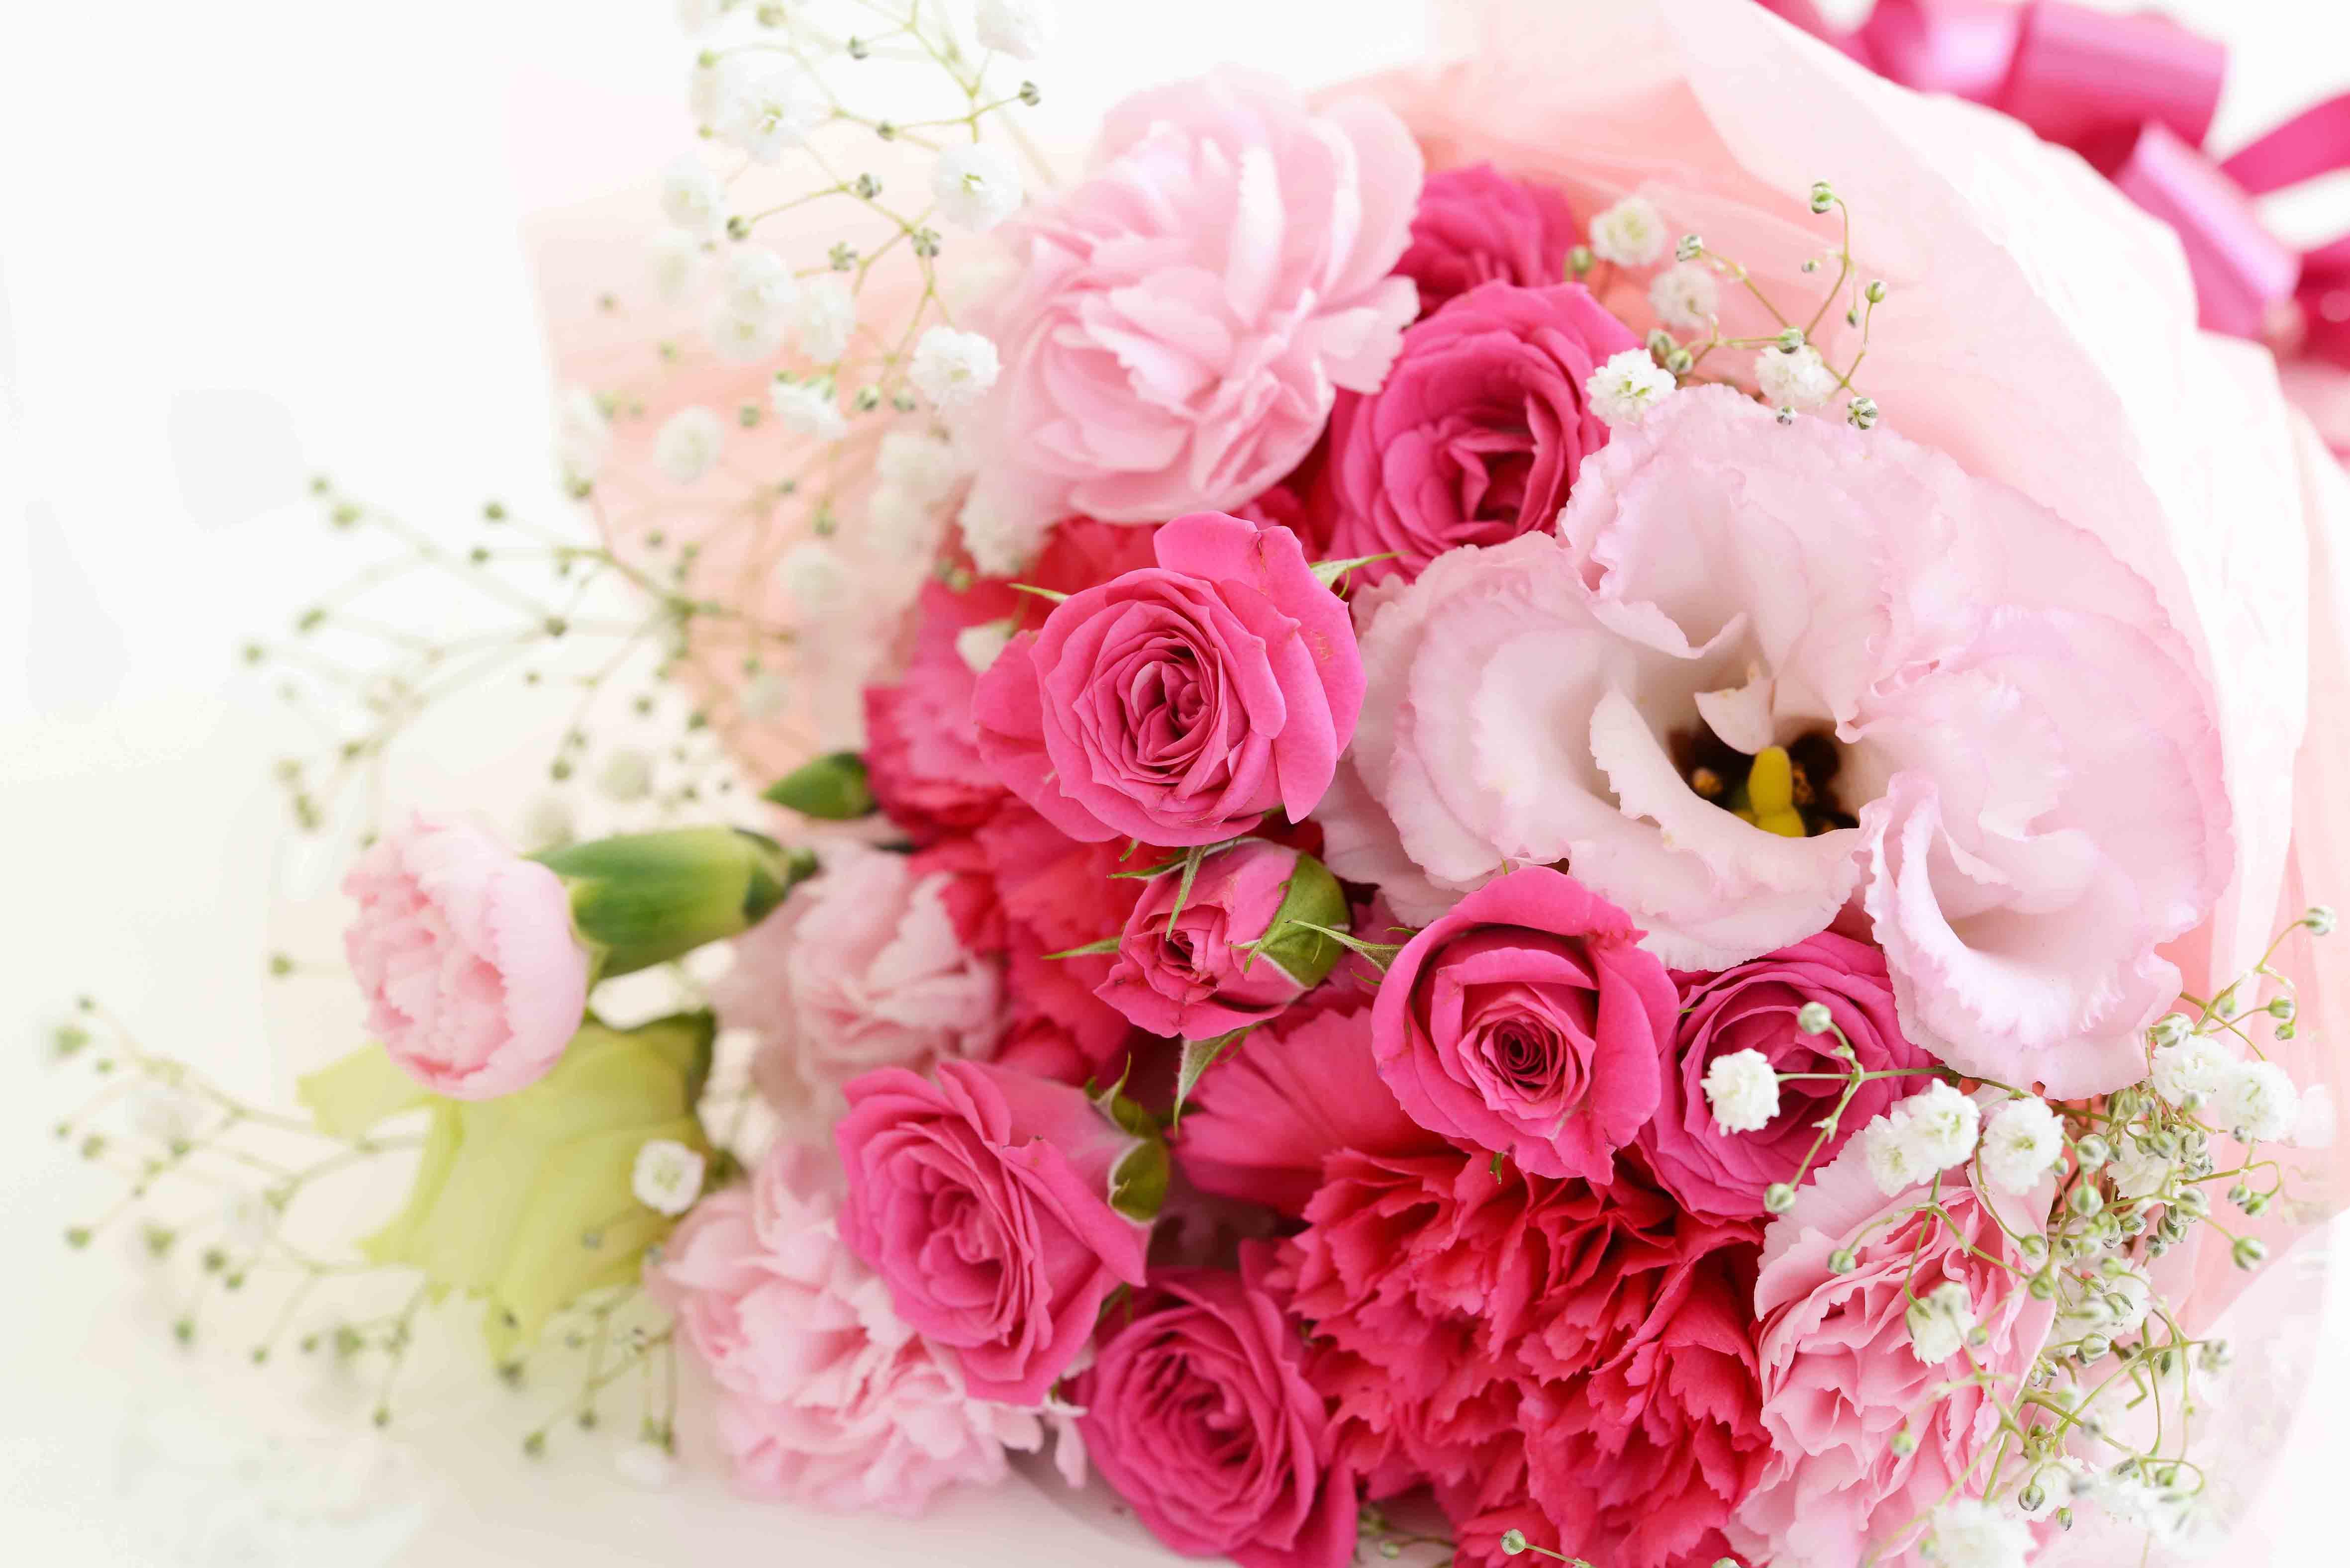 Frauen lieben Blumen!